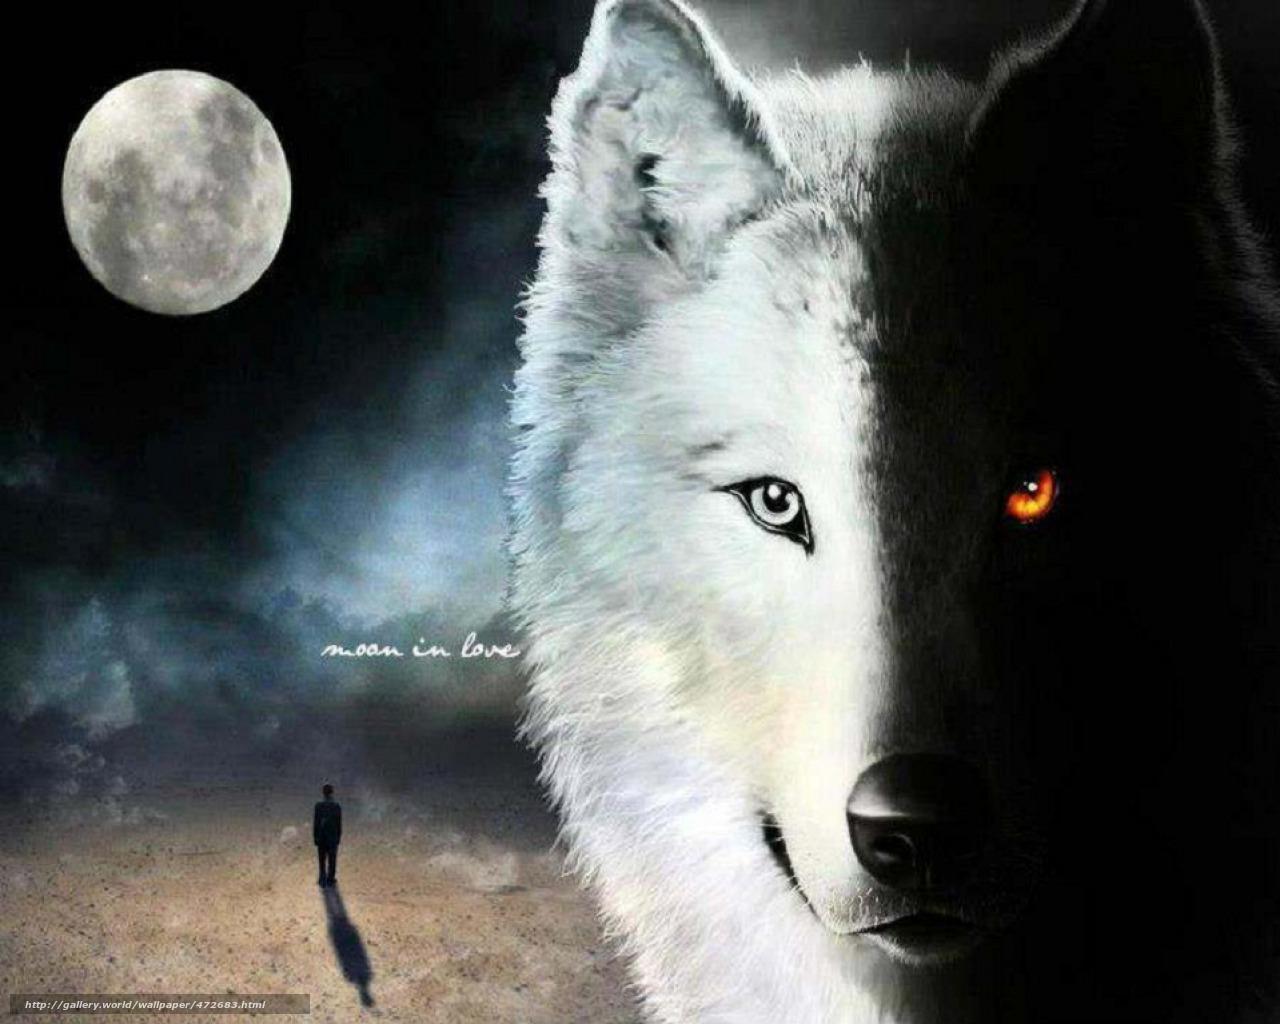 http://st-gdefon.gallery.world/wallpapers_original/472683_gallery.world.jpg?9b30f88865a6ee068aa988b568d8492f